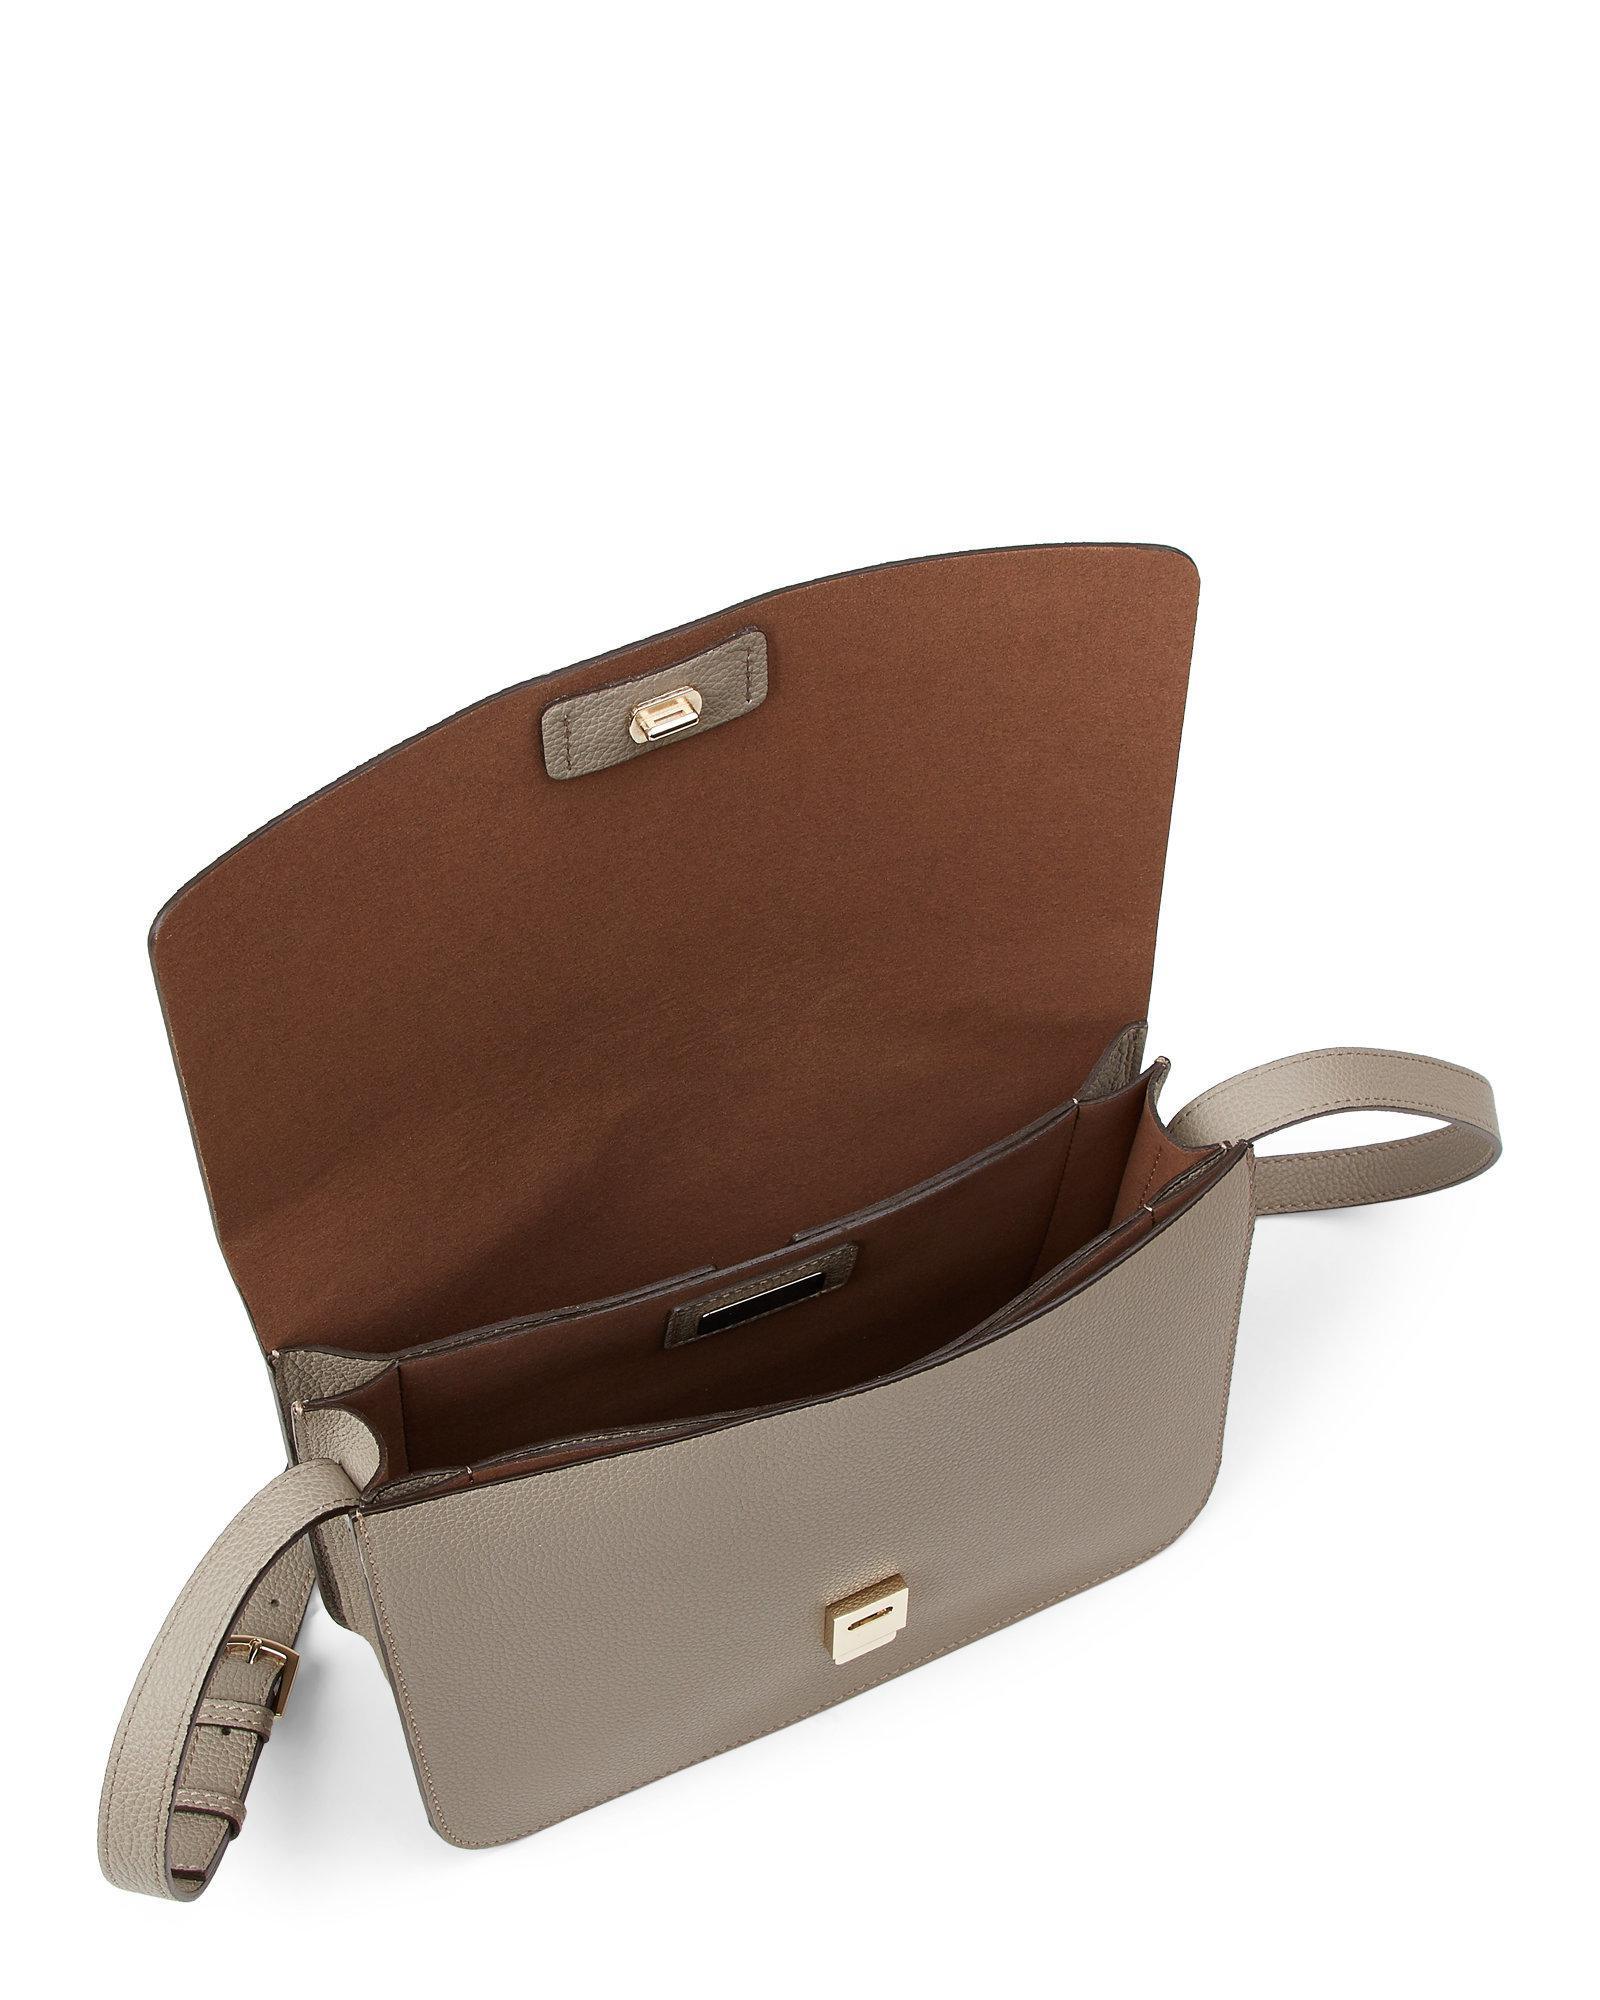 1f58f7852192 Lyst - Furla Sveva Medium Leather Crossbody